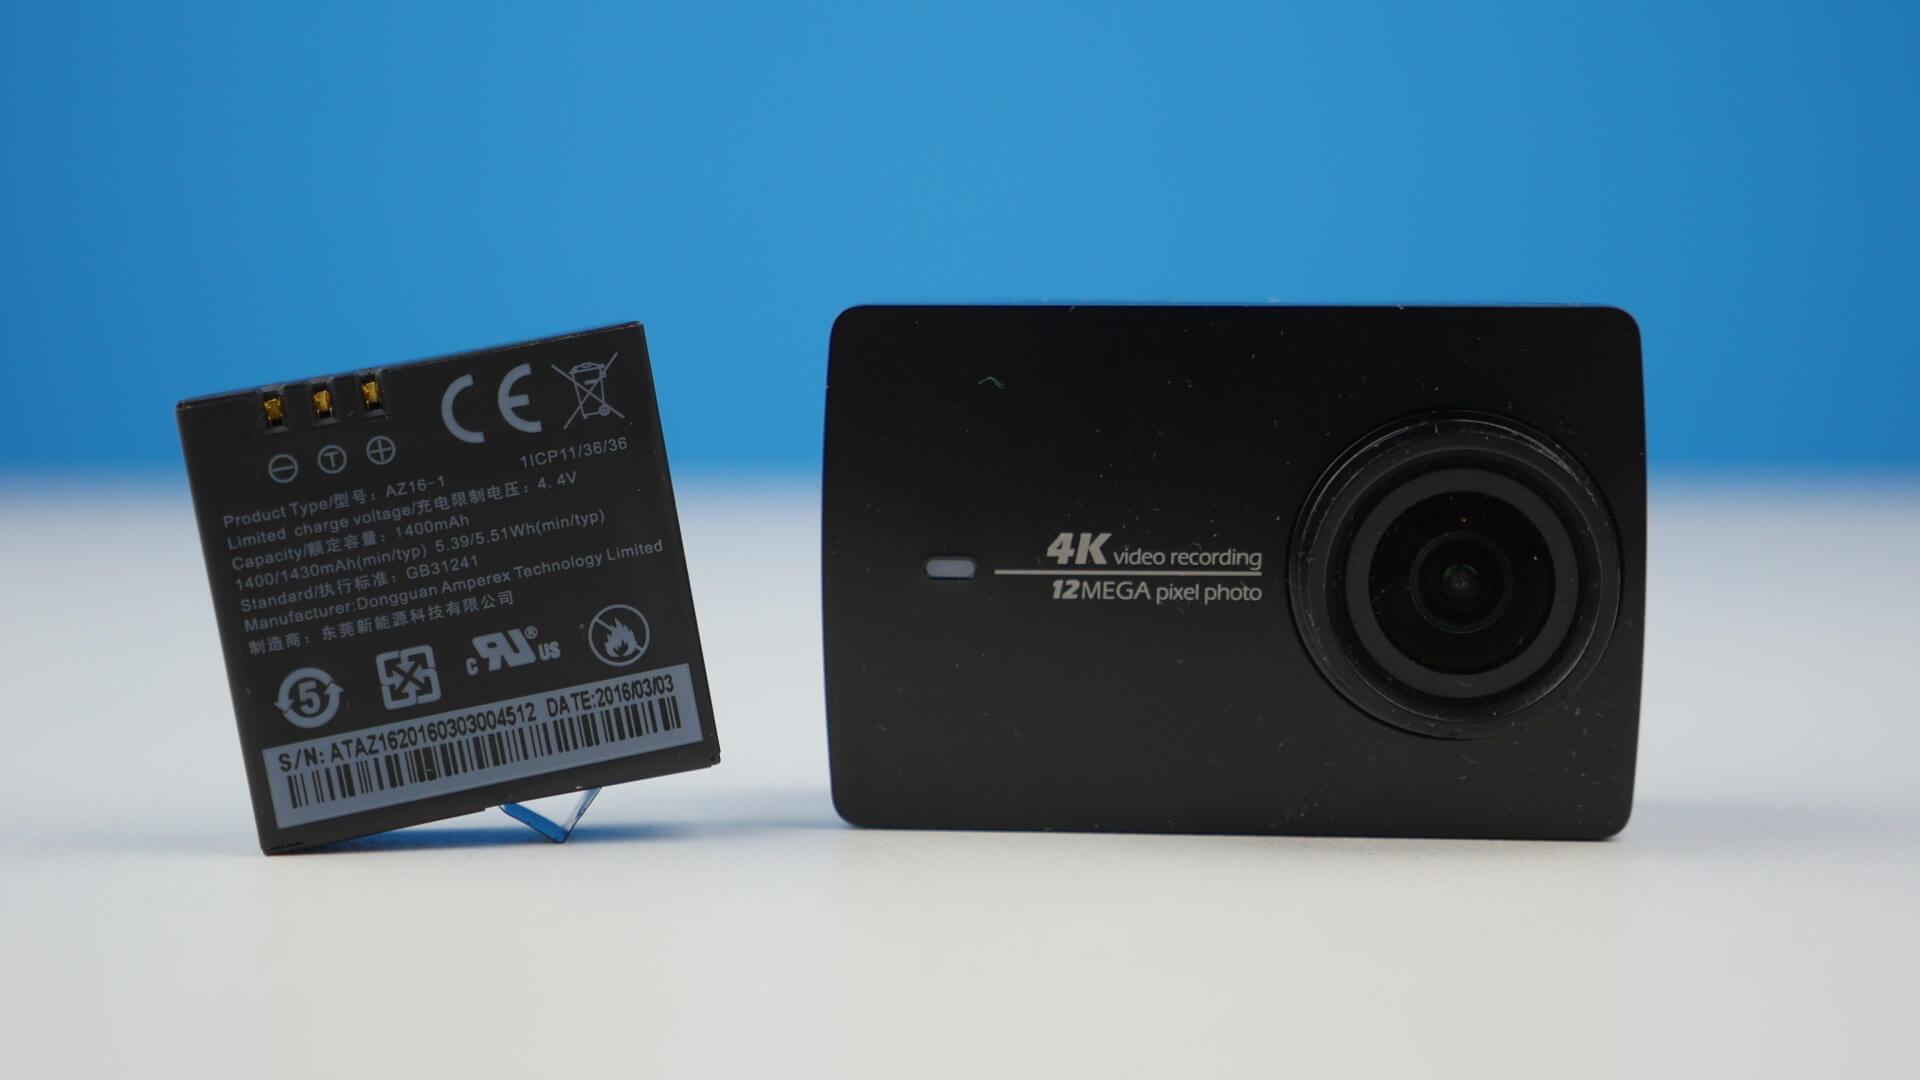 Xiaomi Yi 4k Gute Action Cams Mssen Nicht Teuer Sein Camera Ii